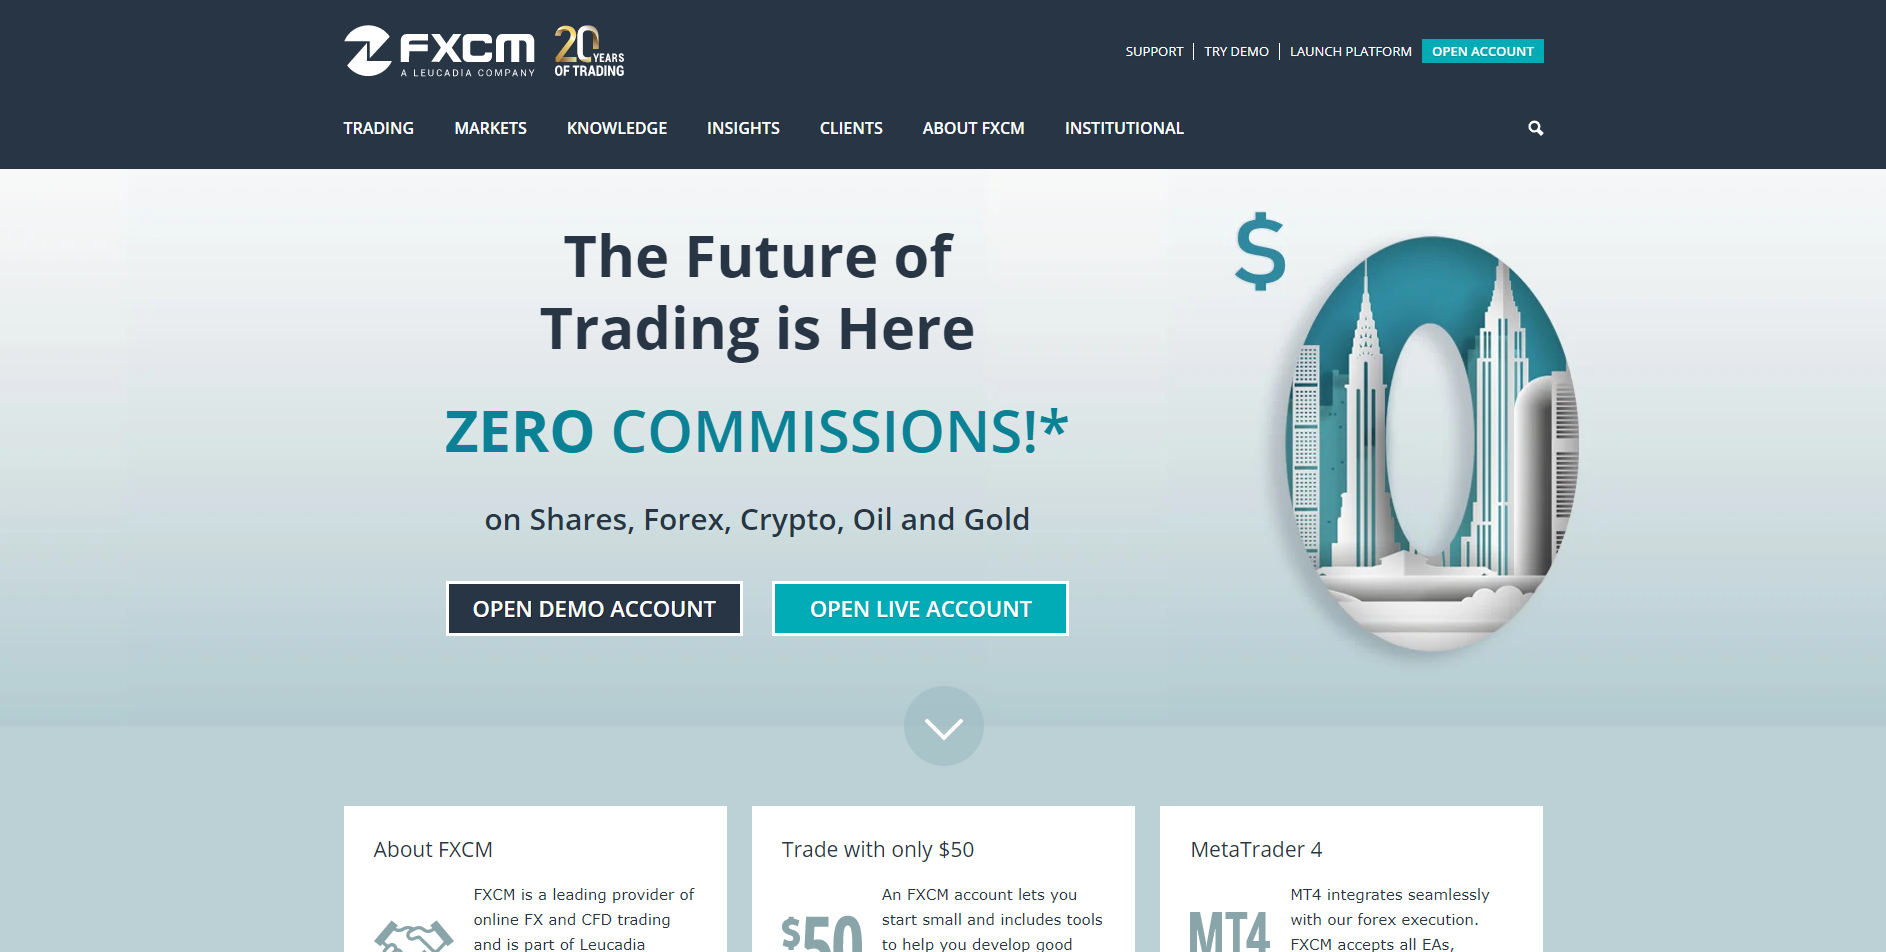 Hivatalos honlapja a forex bróker FXCM Európában